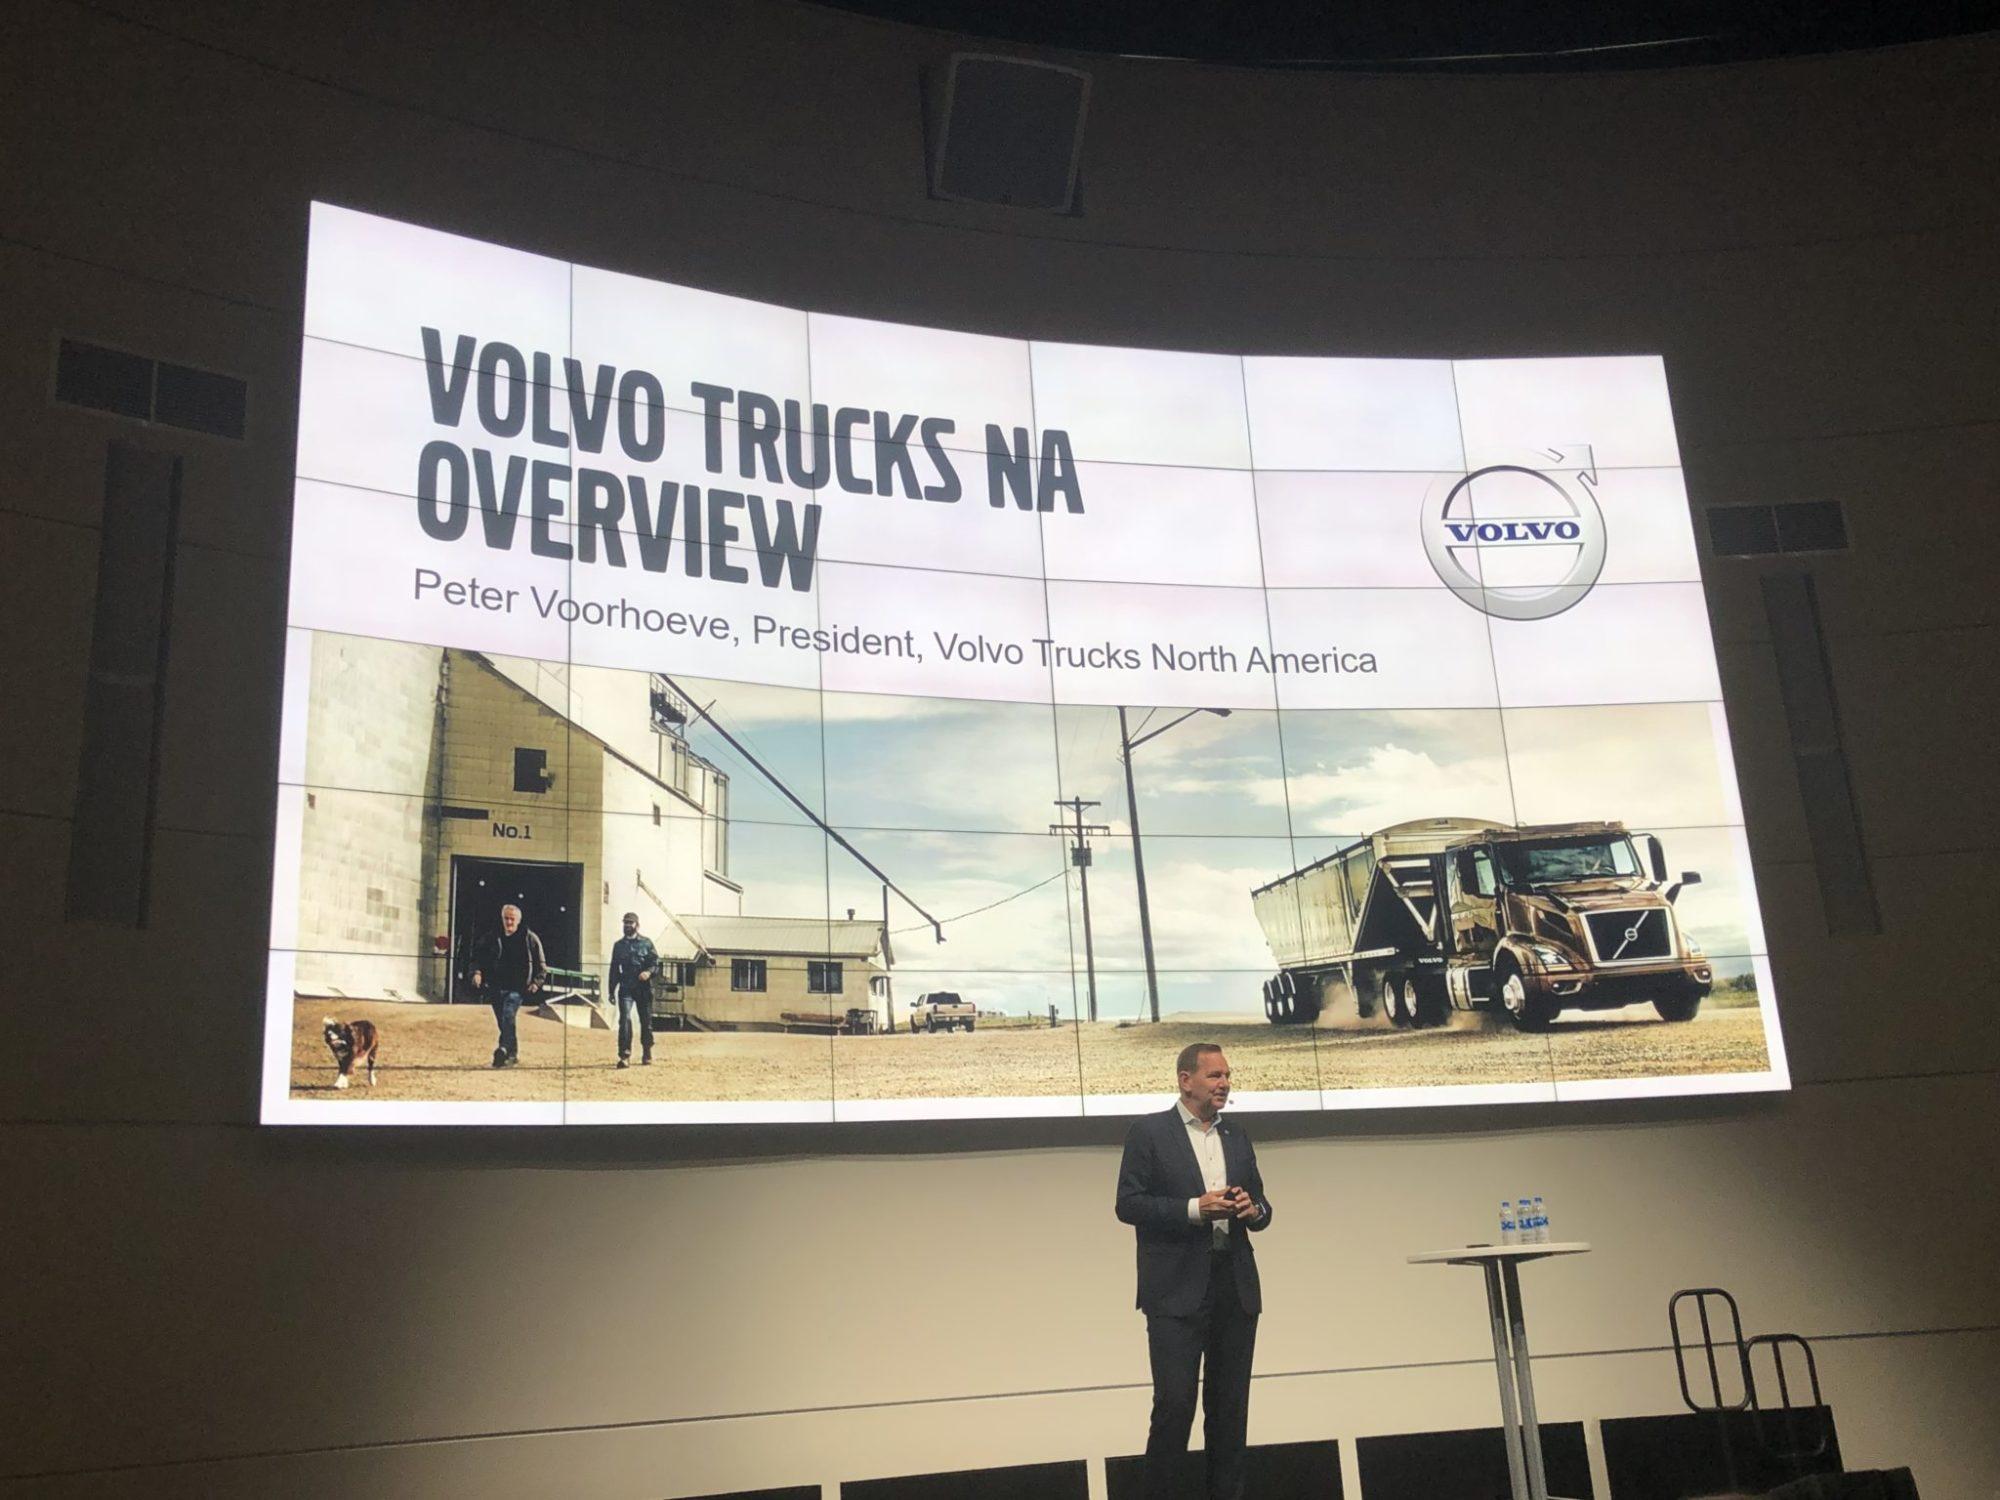 Peter Voorhoeve, president, Volvo Trucks North America